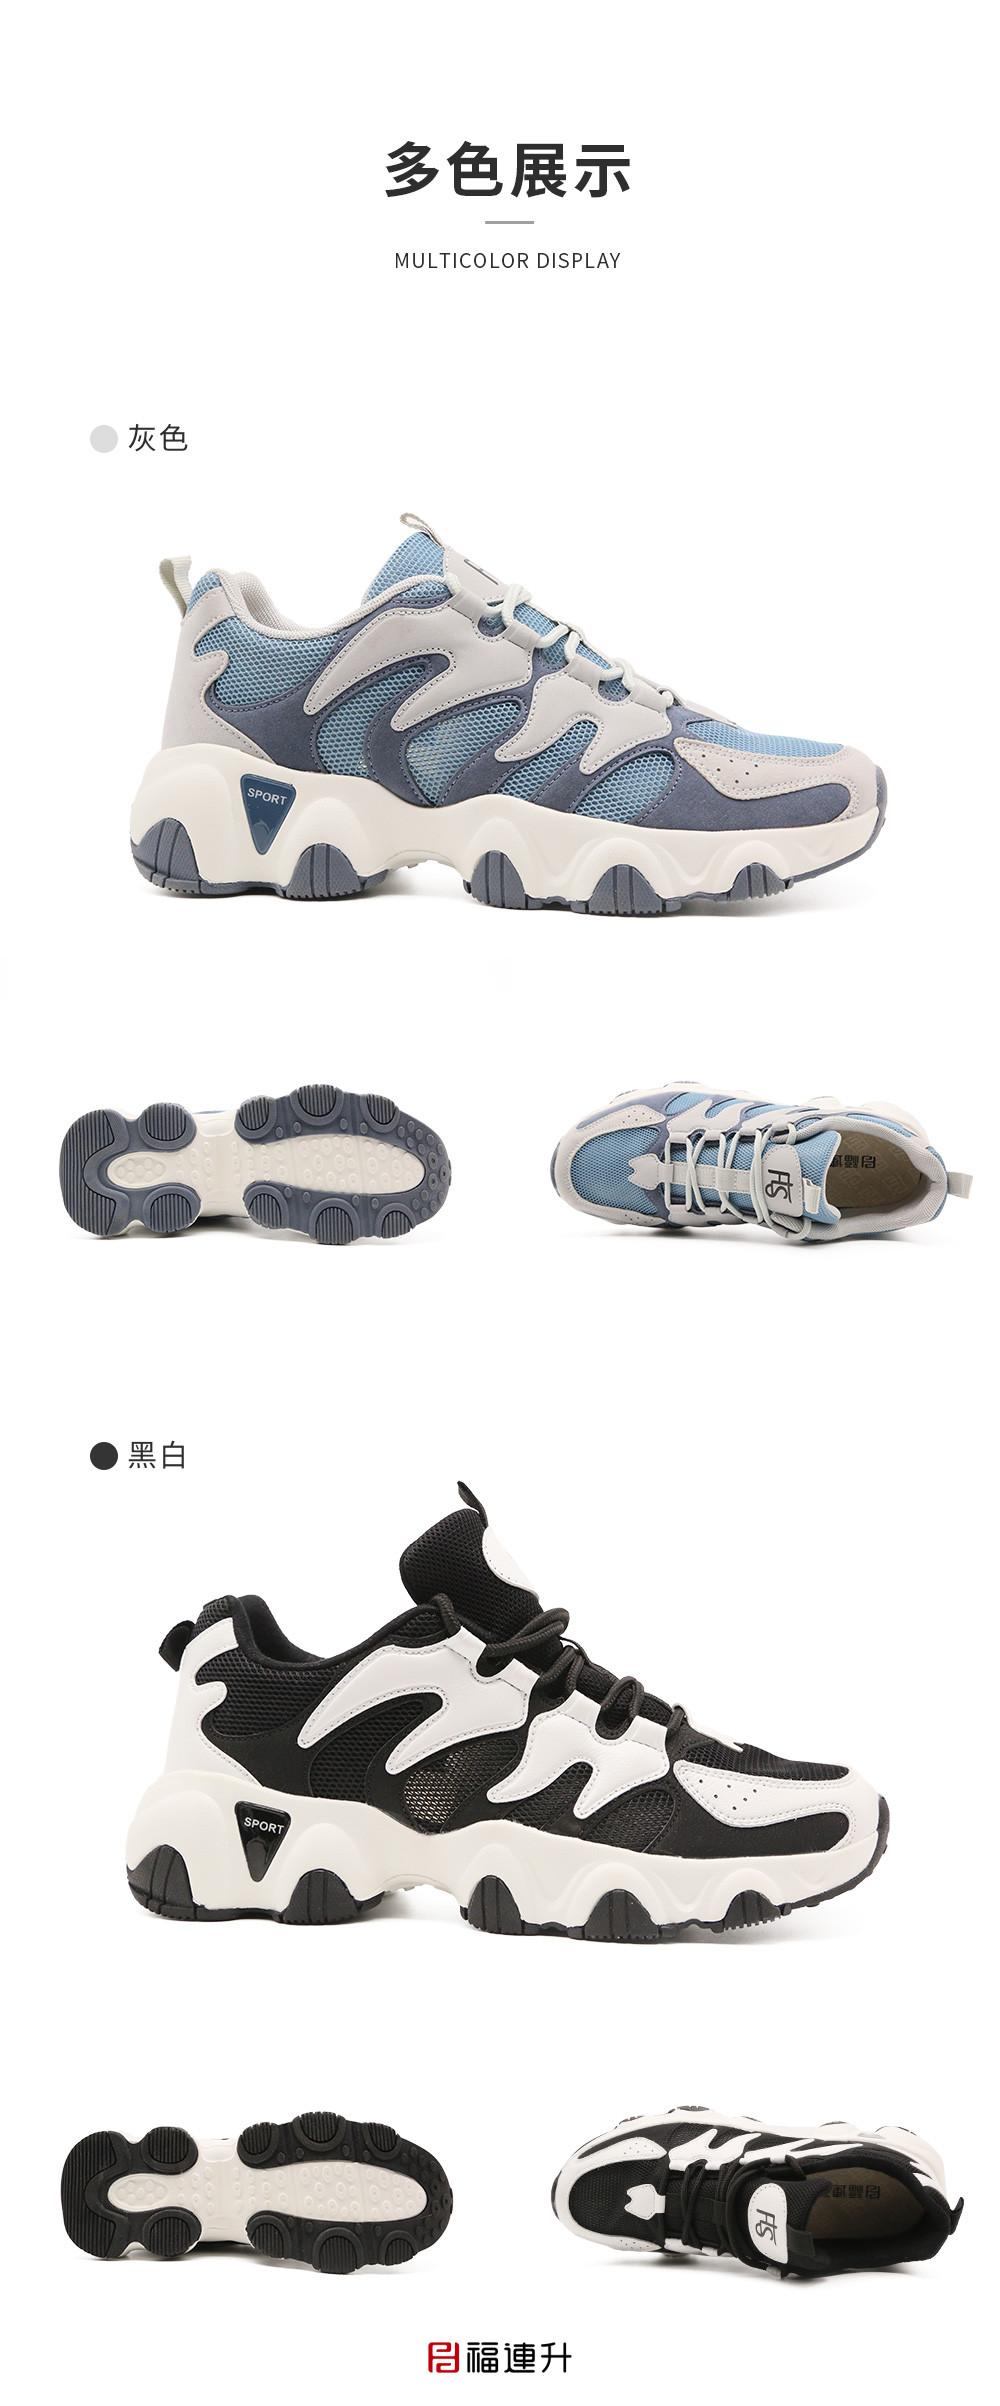 福连升夏季新款男士塑胶发泡时尚运动休闲老爹鞋图片